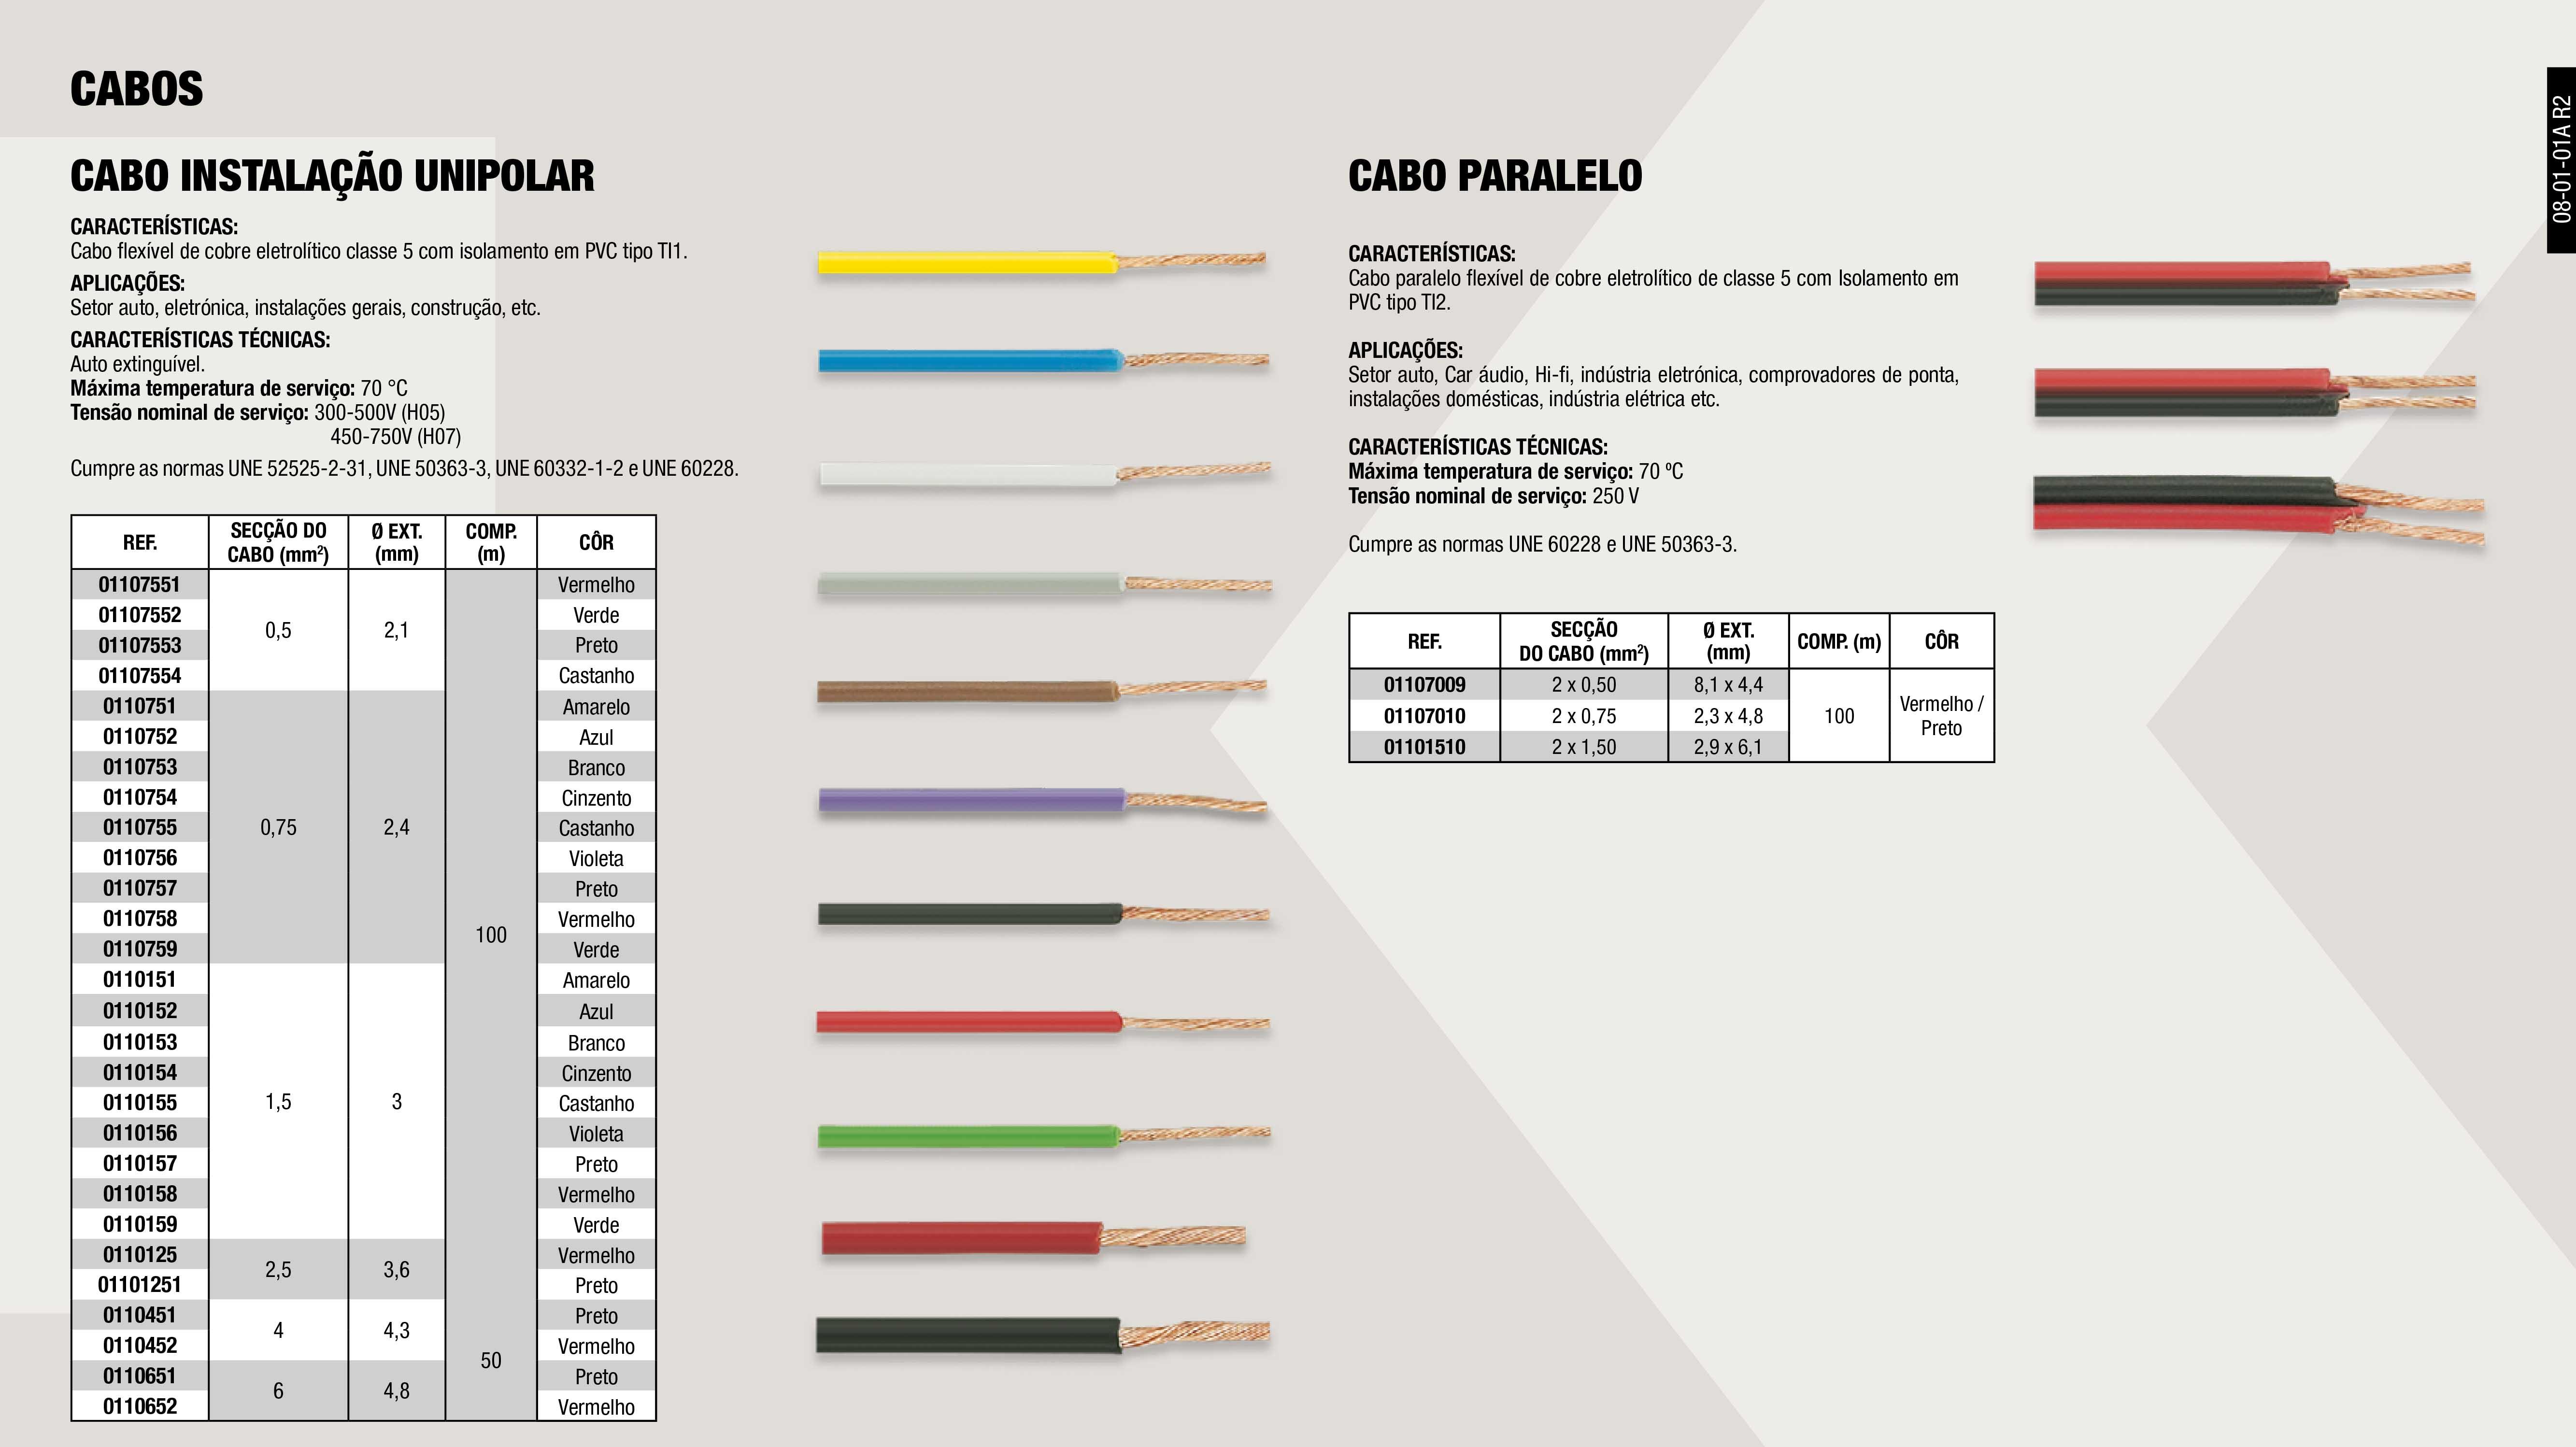 FIO DE COLUNA BICOLOR 0.75MM                                ,  CABO DE INSTALAÇÃO 1.5MM VERDE                              ,  CABO UNIPOLAR 0.75MM AZUL                                   ,  CABO DE INSTALAÇÃO 1.5MM PRETO                              ,  CABO INSTALAÇÃO 1.5MM BRANCO 100M                           ,  CABO UNIPOLAR 0.75MM PRETO                                  ,  CABO UNIPOLAR 0.75MM VERDE                                  ,  CABO UNIPOLAR 0.75MM CASTANHO                               ,  CABO UNIPOLAR 0.75MM CINZENTO                               ,  CABO UNIPOLAR 0.75MM VERMELHO                               ,  CABO DE INSTALAÇÃO 1.5MM VIOLETA                            ,  CABO DE INSTALAÇÃO 1.5MM VERMELHO                           ,  CABO UNIPOLAR 4MM PRETO (50 MT.)                            ,  CABO UNIPOLAR 2.5 PRETO (100 M.)                            ,  ROLO 100MTS CABO PARALELO BICOR 0.5MM                       ,  CABO UNIPOLAR 0.75MM VIOLETA                                ,  CABO DE COLUNA 1.5MM (100M)                                 ,  CABO INSTALAÇÃO 1.5MM AZUL                                  ,  CABO UNIPOLAR 4MM VERMELHO (50MT.)                          ,  CABO DE INSTALAÇÃO 1.5MM CASTANHO                           ,  CABO UNIPOLAR 0.75MM AMARELO                                ,  CABO UNIPOLAR 0.75MM BRANCO                                 ,  ROLO 50MTS CABO UNIPOLAR 6MM VERMELHO                       ,  CABO UNIPOLAR 2.5MM VERMELHO (100 M.)                       ,  CABO INSTALAÇÃO 1.5MM AMARELO                               ,  CABO INSTALAÇÃO 1.5MM CINZENTO                              ,  ROLO 50MTS CABO UNIPOLAR 6MM PRETO                          ,